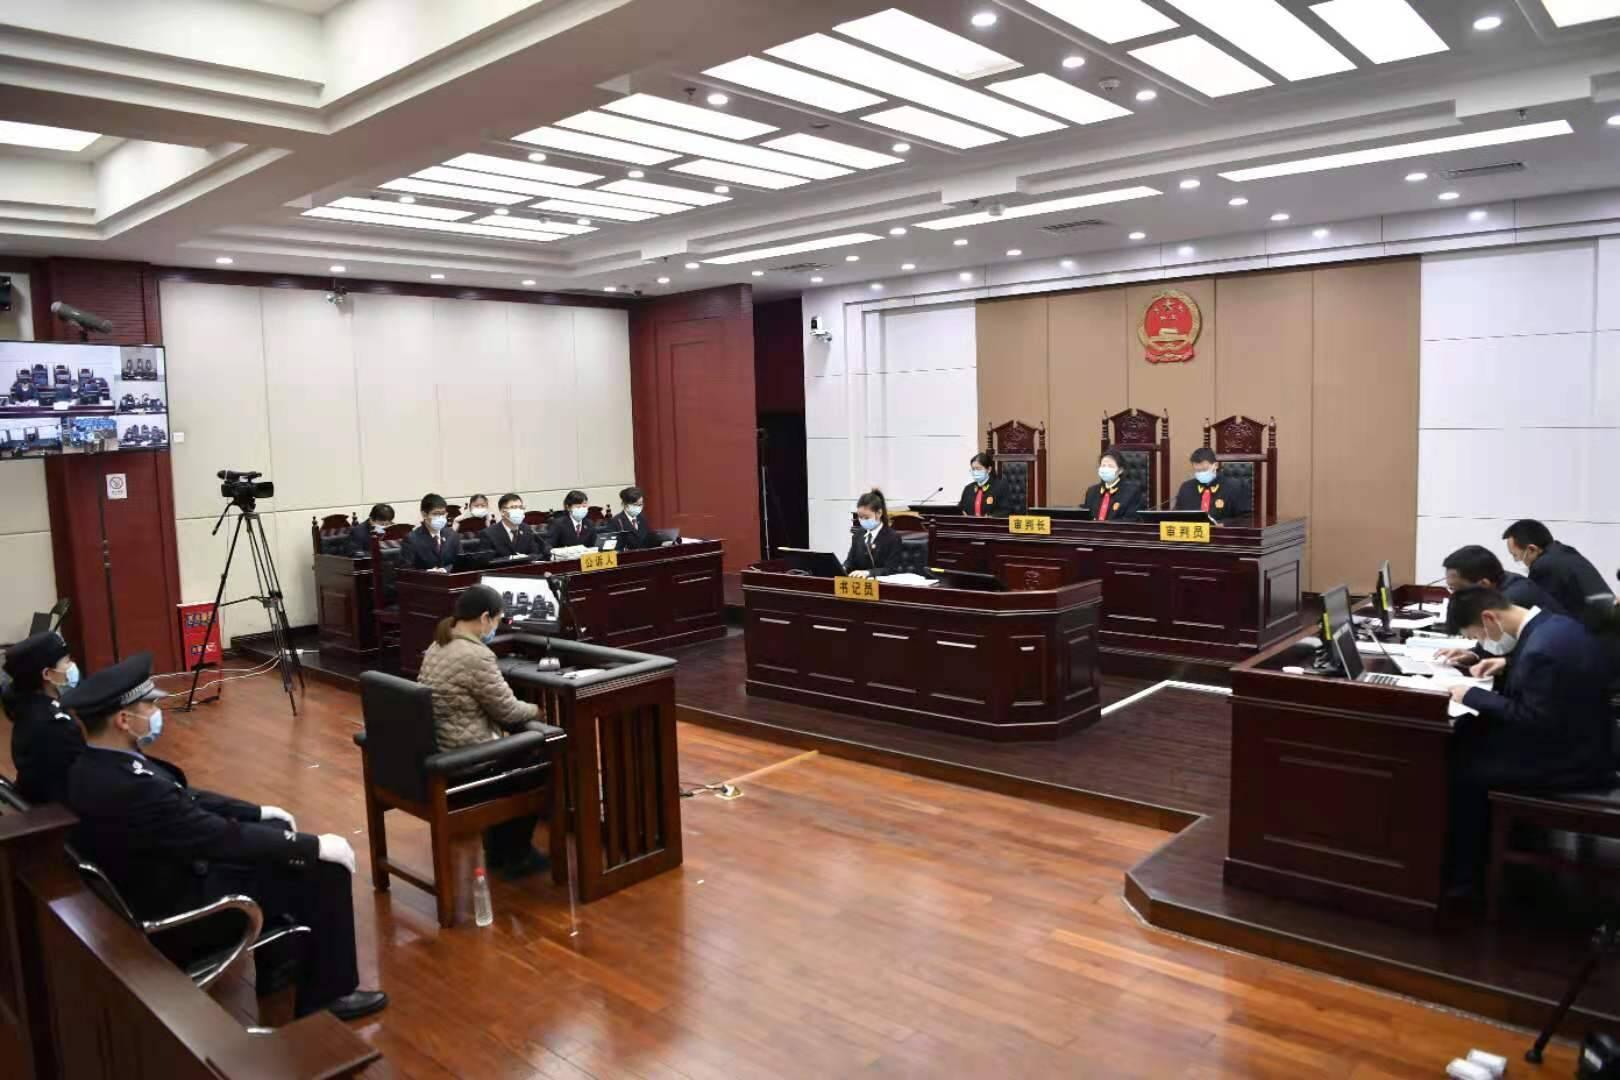 勞榮枝拒絕認罪認罰 一審將擇期宣判